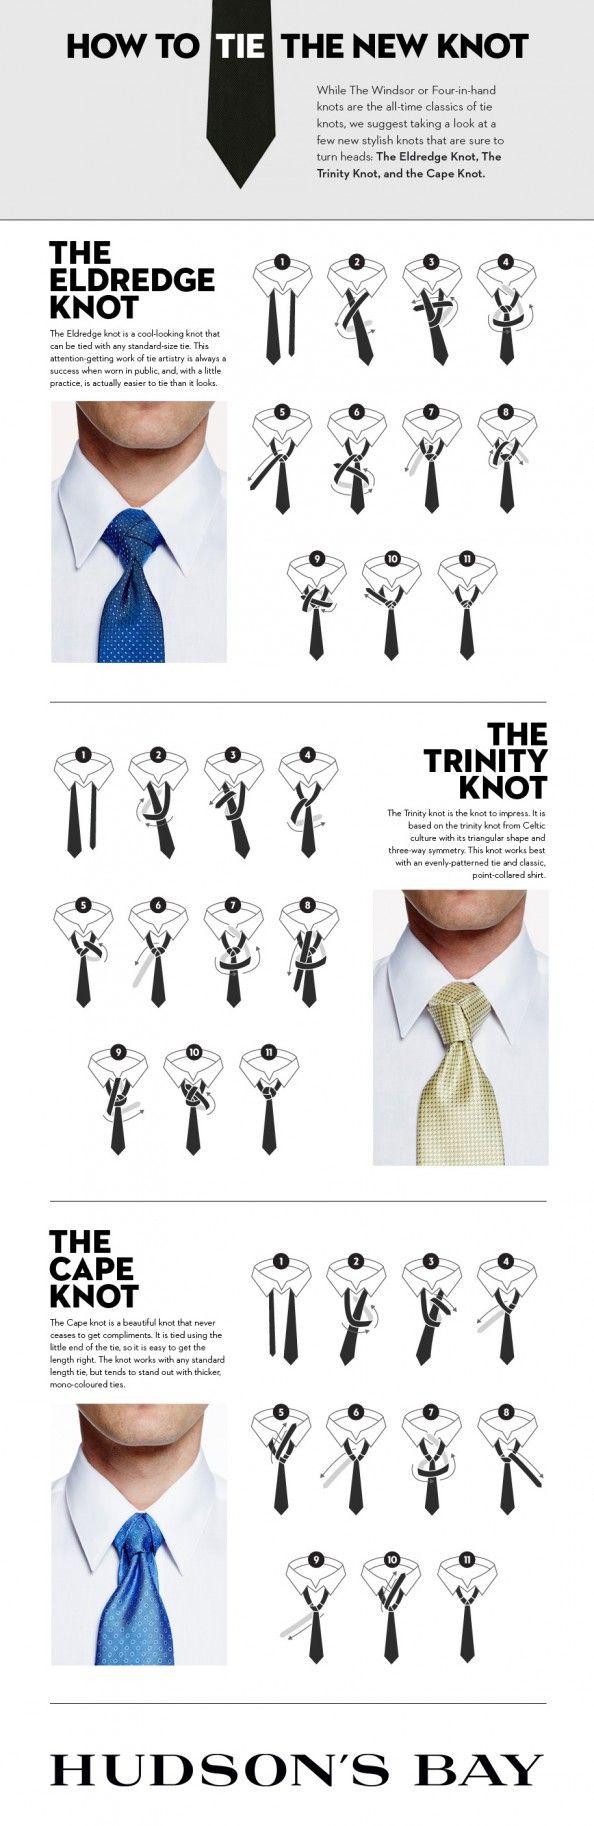 Como hacer el nudo de la corbata (si es que alguna vez tienen que usarla)